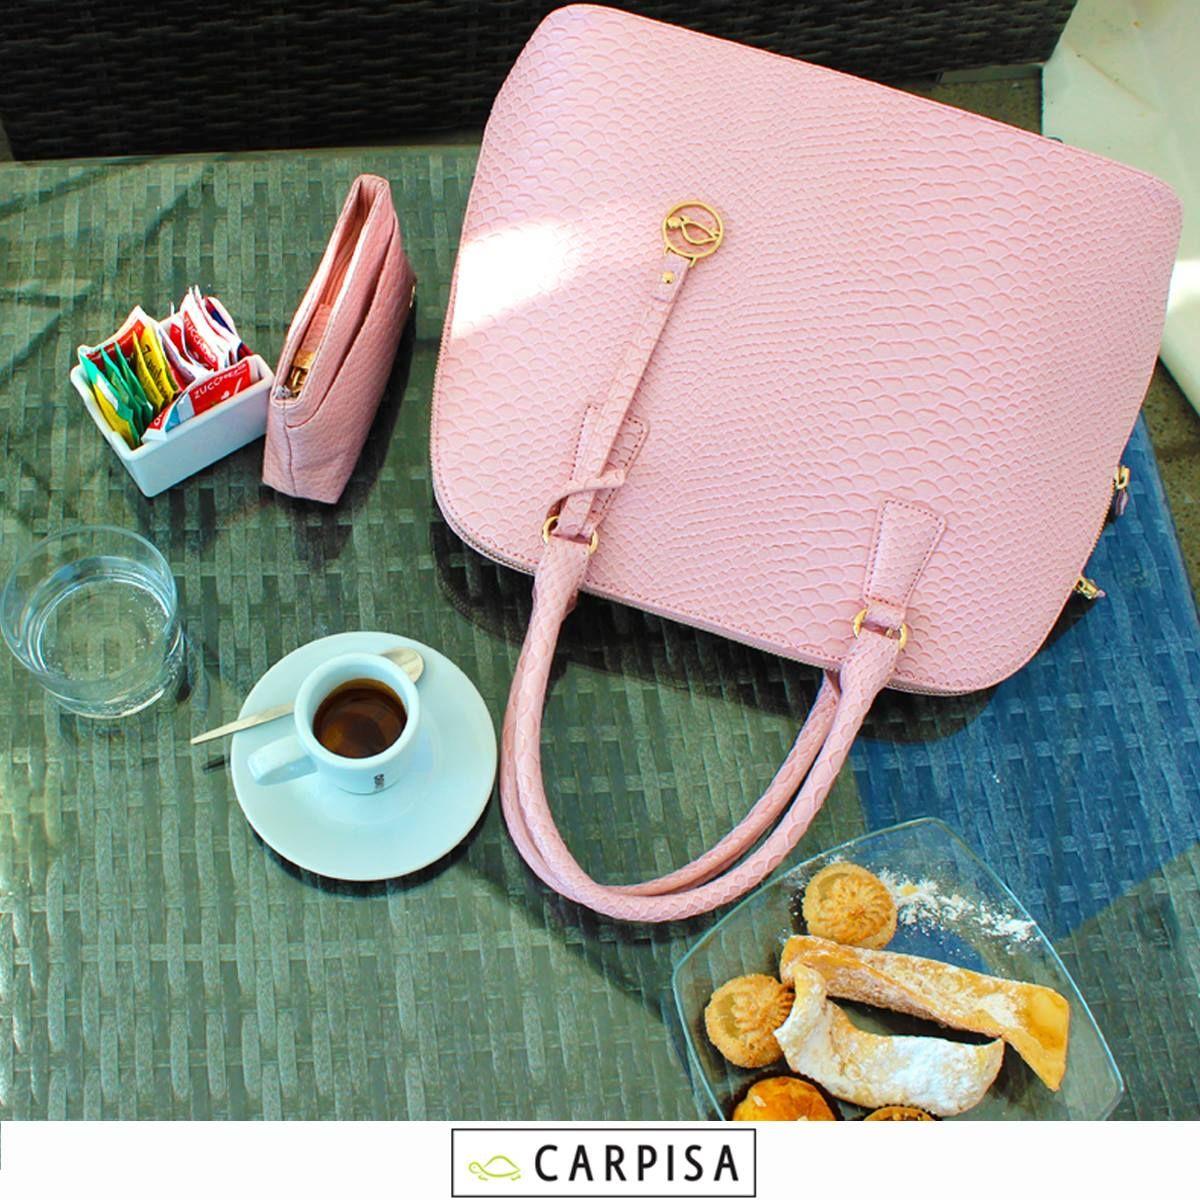 Bag Carpisa Voucher Codeeveryday